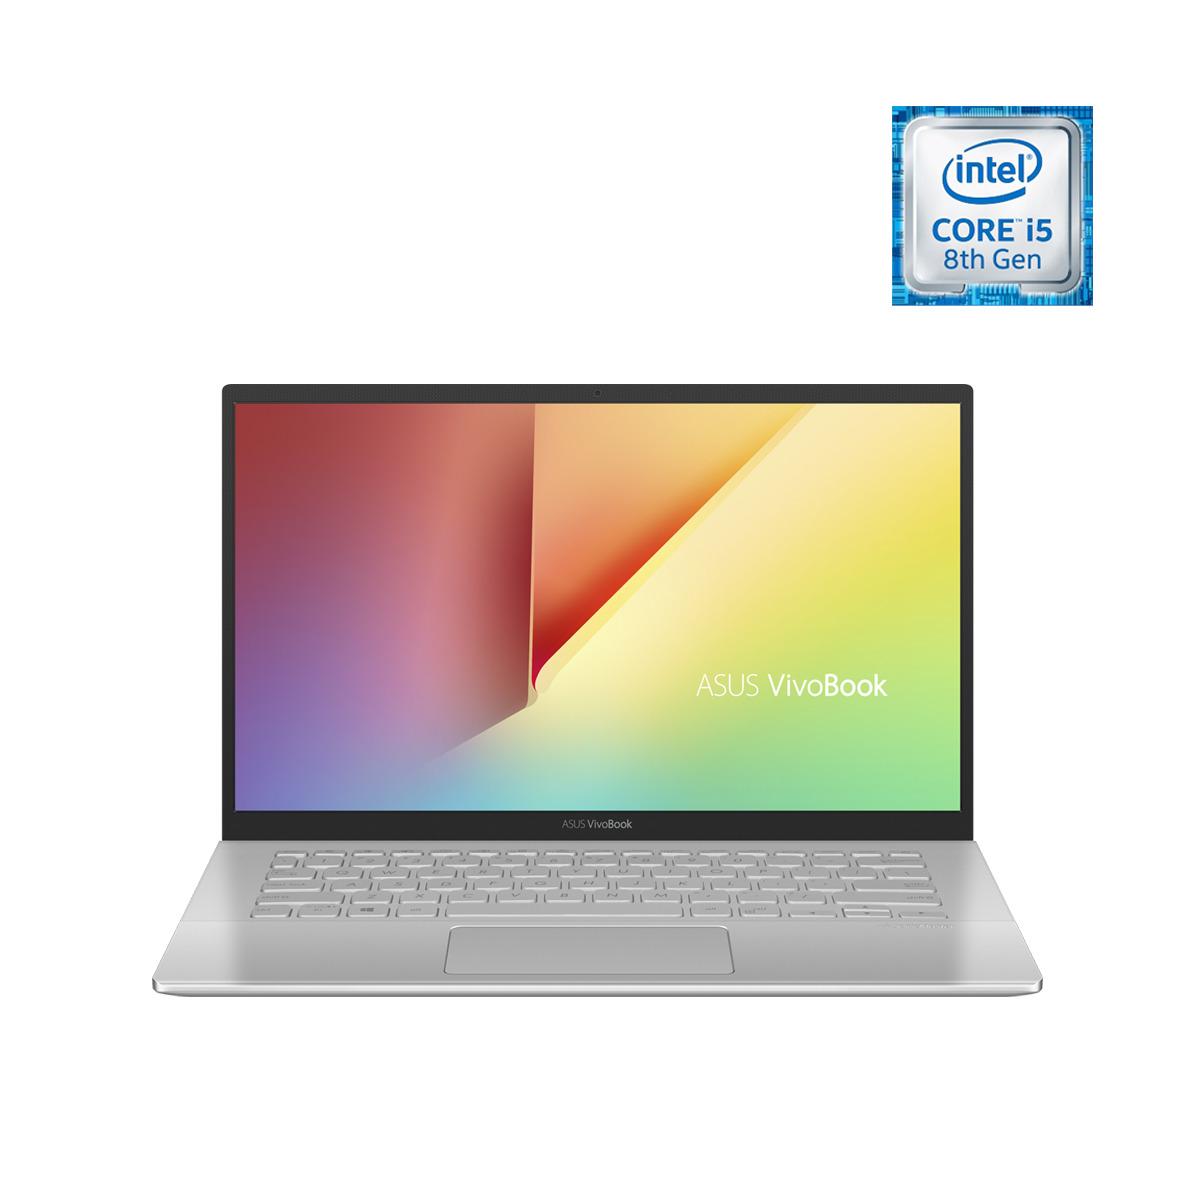 El VivoBook 14 de Asus llega con un precio que no pesa nada en el bolsillo. Este equipo de 14 pulgadas integra un polivalente procesador Core i5, 8 GB de RAM y una SSD de 512 GB para un uso general mucho más que satisfactorio gracias a su teclado ErgoLift, que se eleva para escribir más cómodamente.